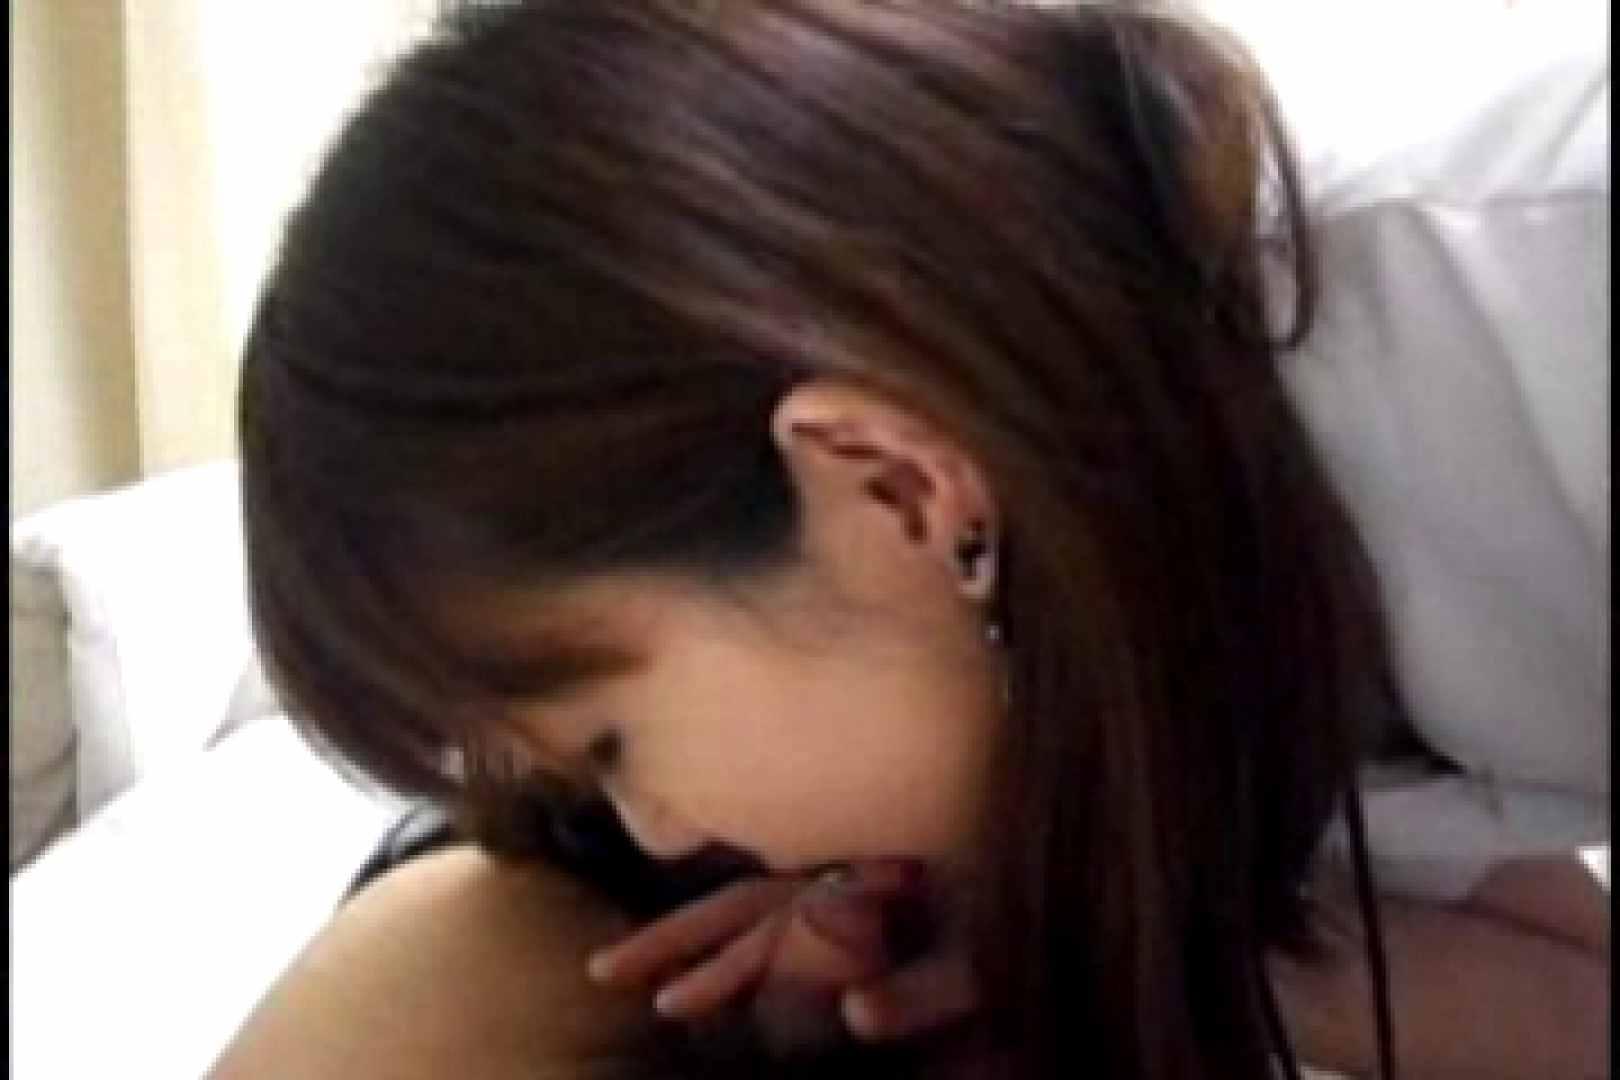 ヤリマンと呼ばれた看護士さんvol1 シックスナイン  98pic 69